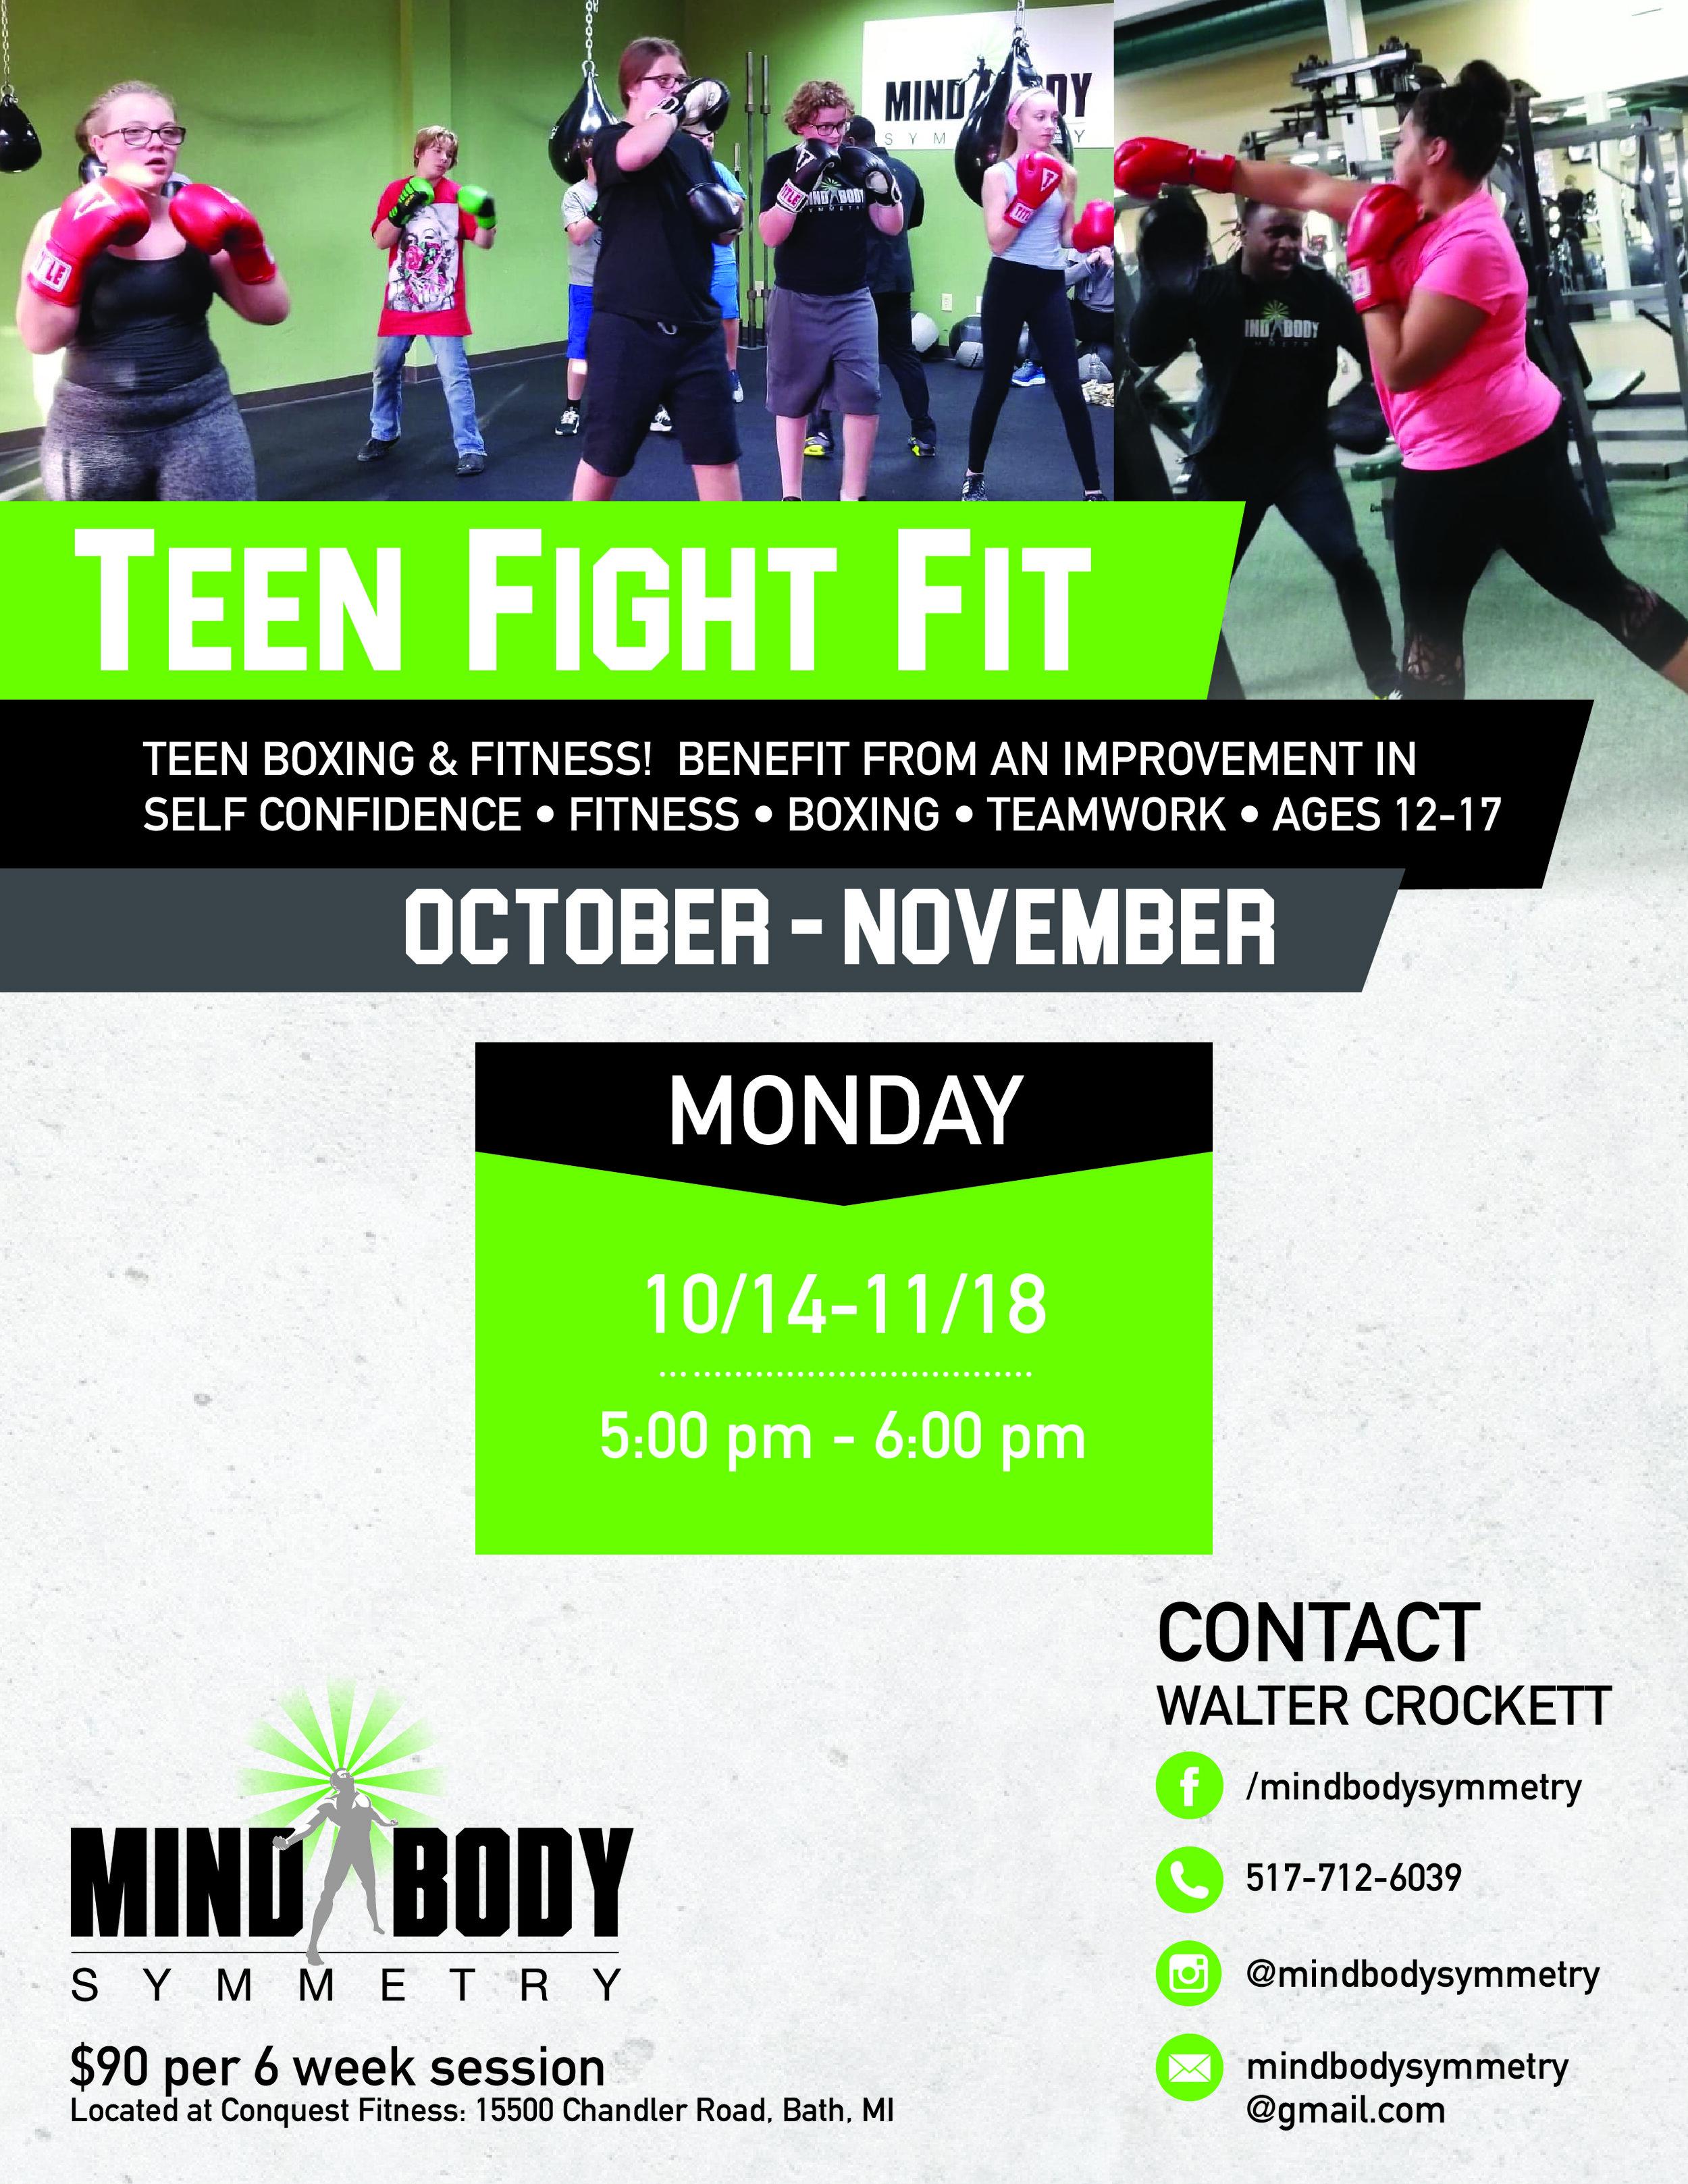 Teen Fight Fit-01octnov19.jpg